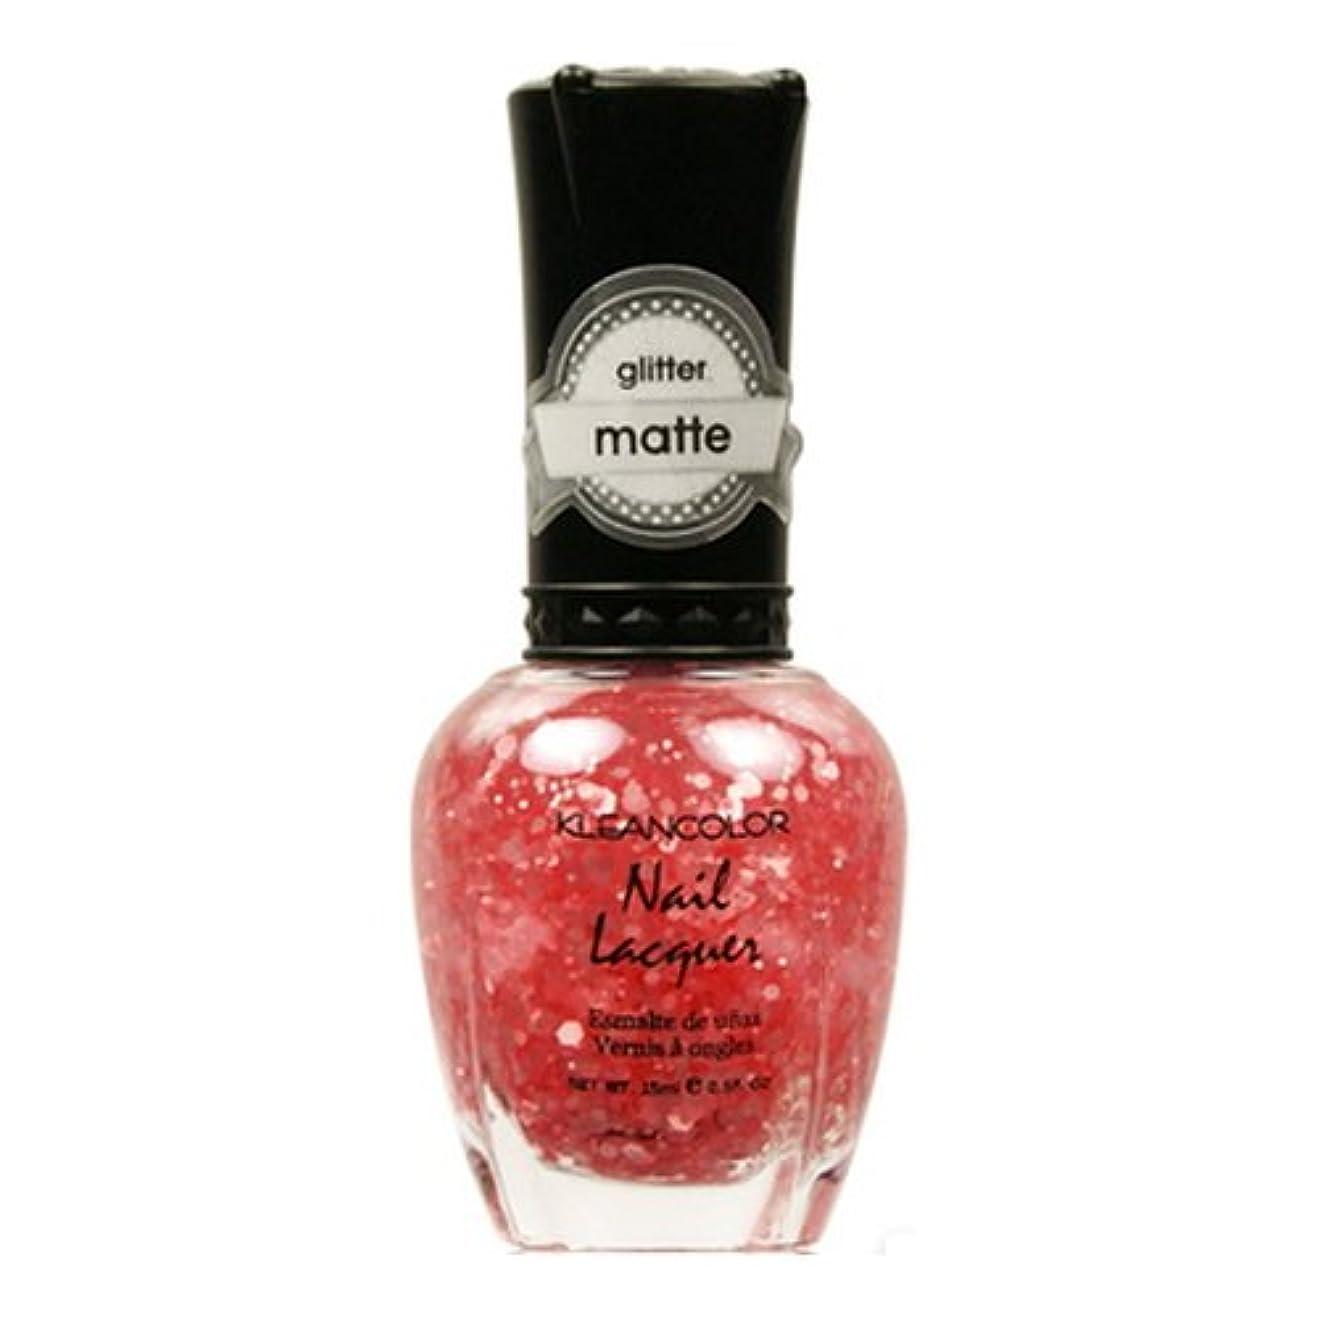 コンパイルチャンス聖なる(3 Pack) KLEANCOLOR Glitter Matte Nail Lacquer - Blush Pink (並行輸入品)